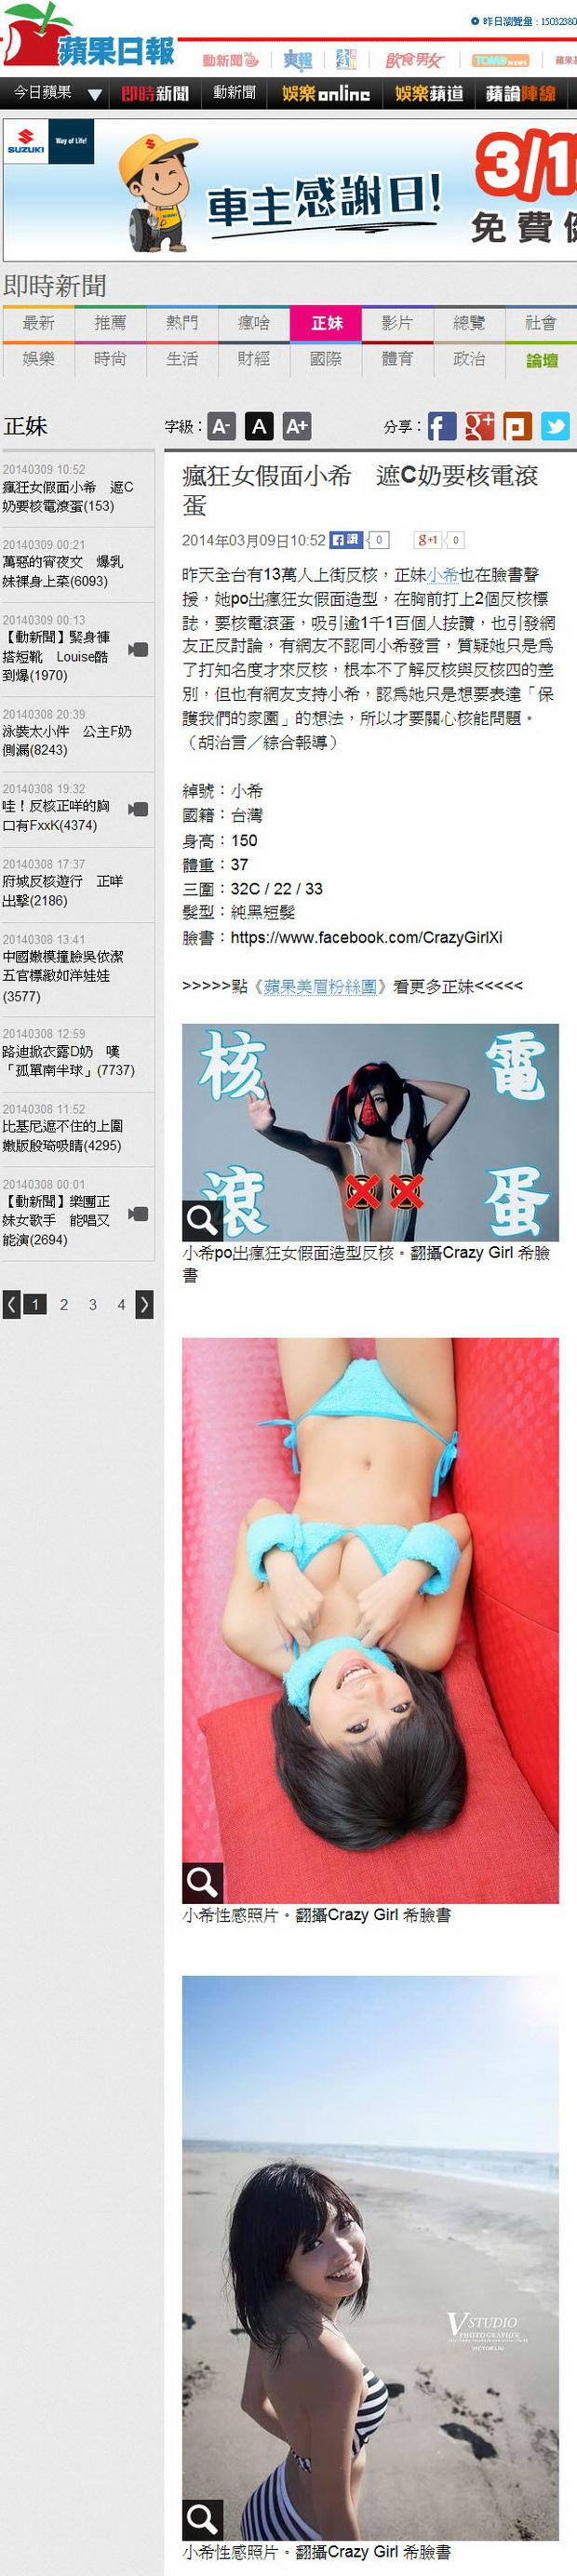 瘋狂女假面小希 遮C奶要核電滾蛋-2014.03.09.jpg